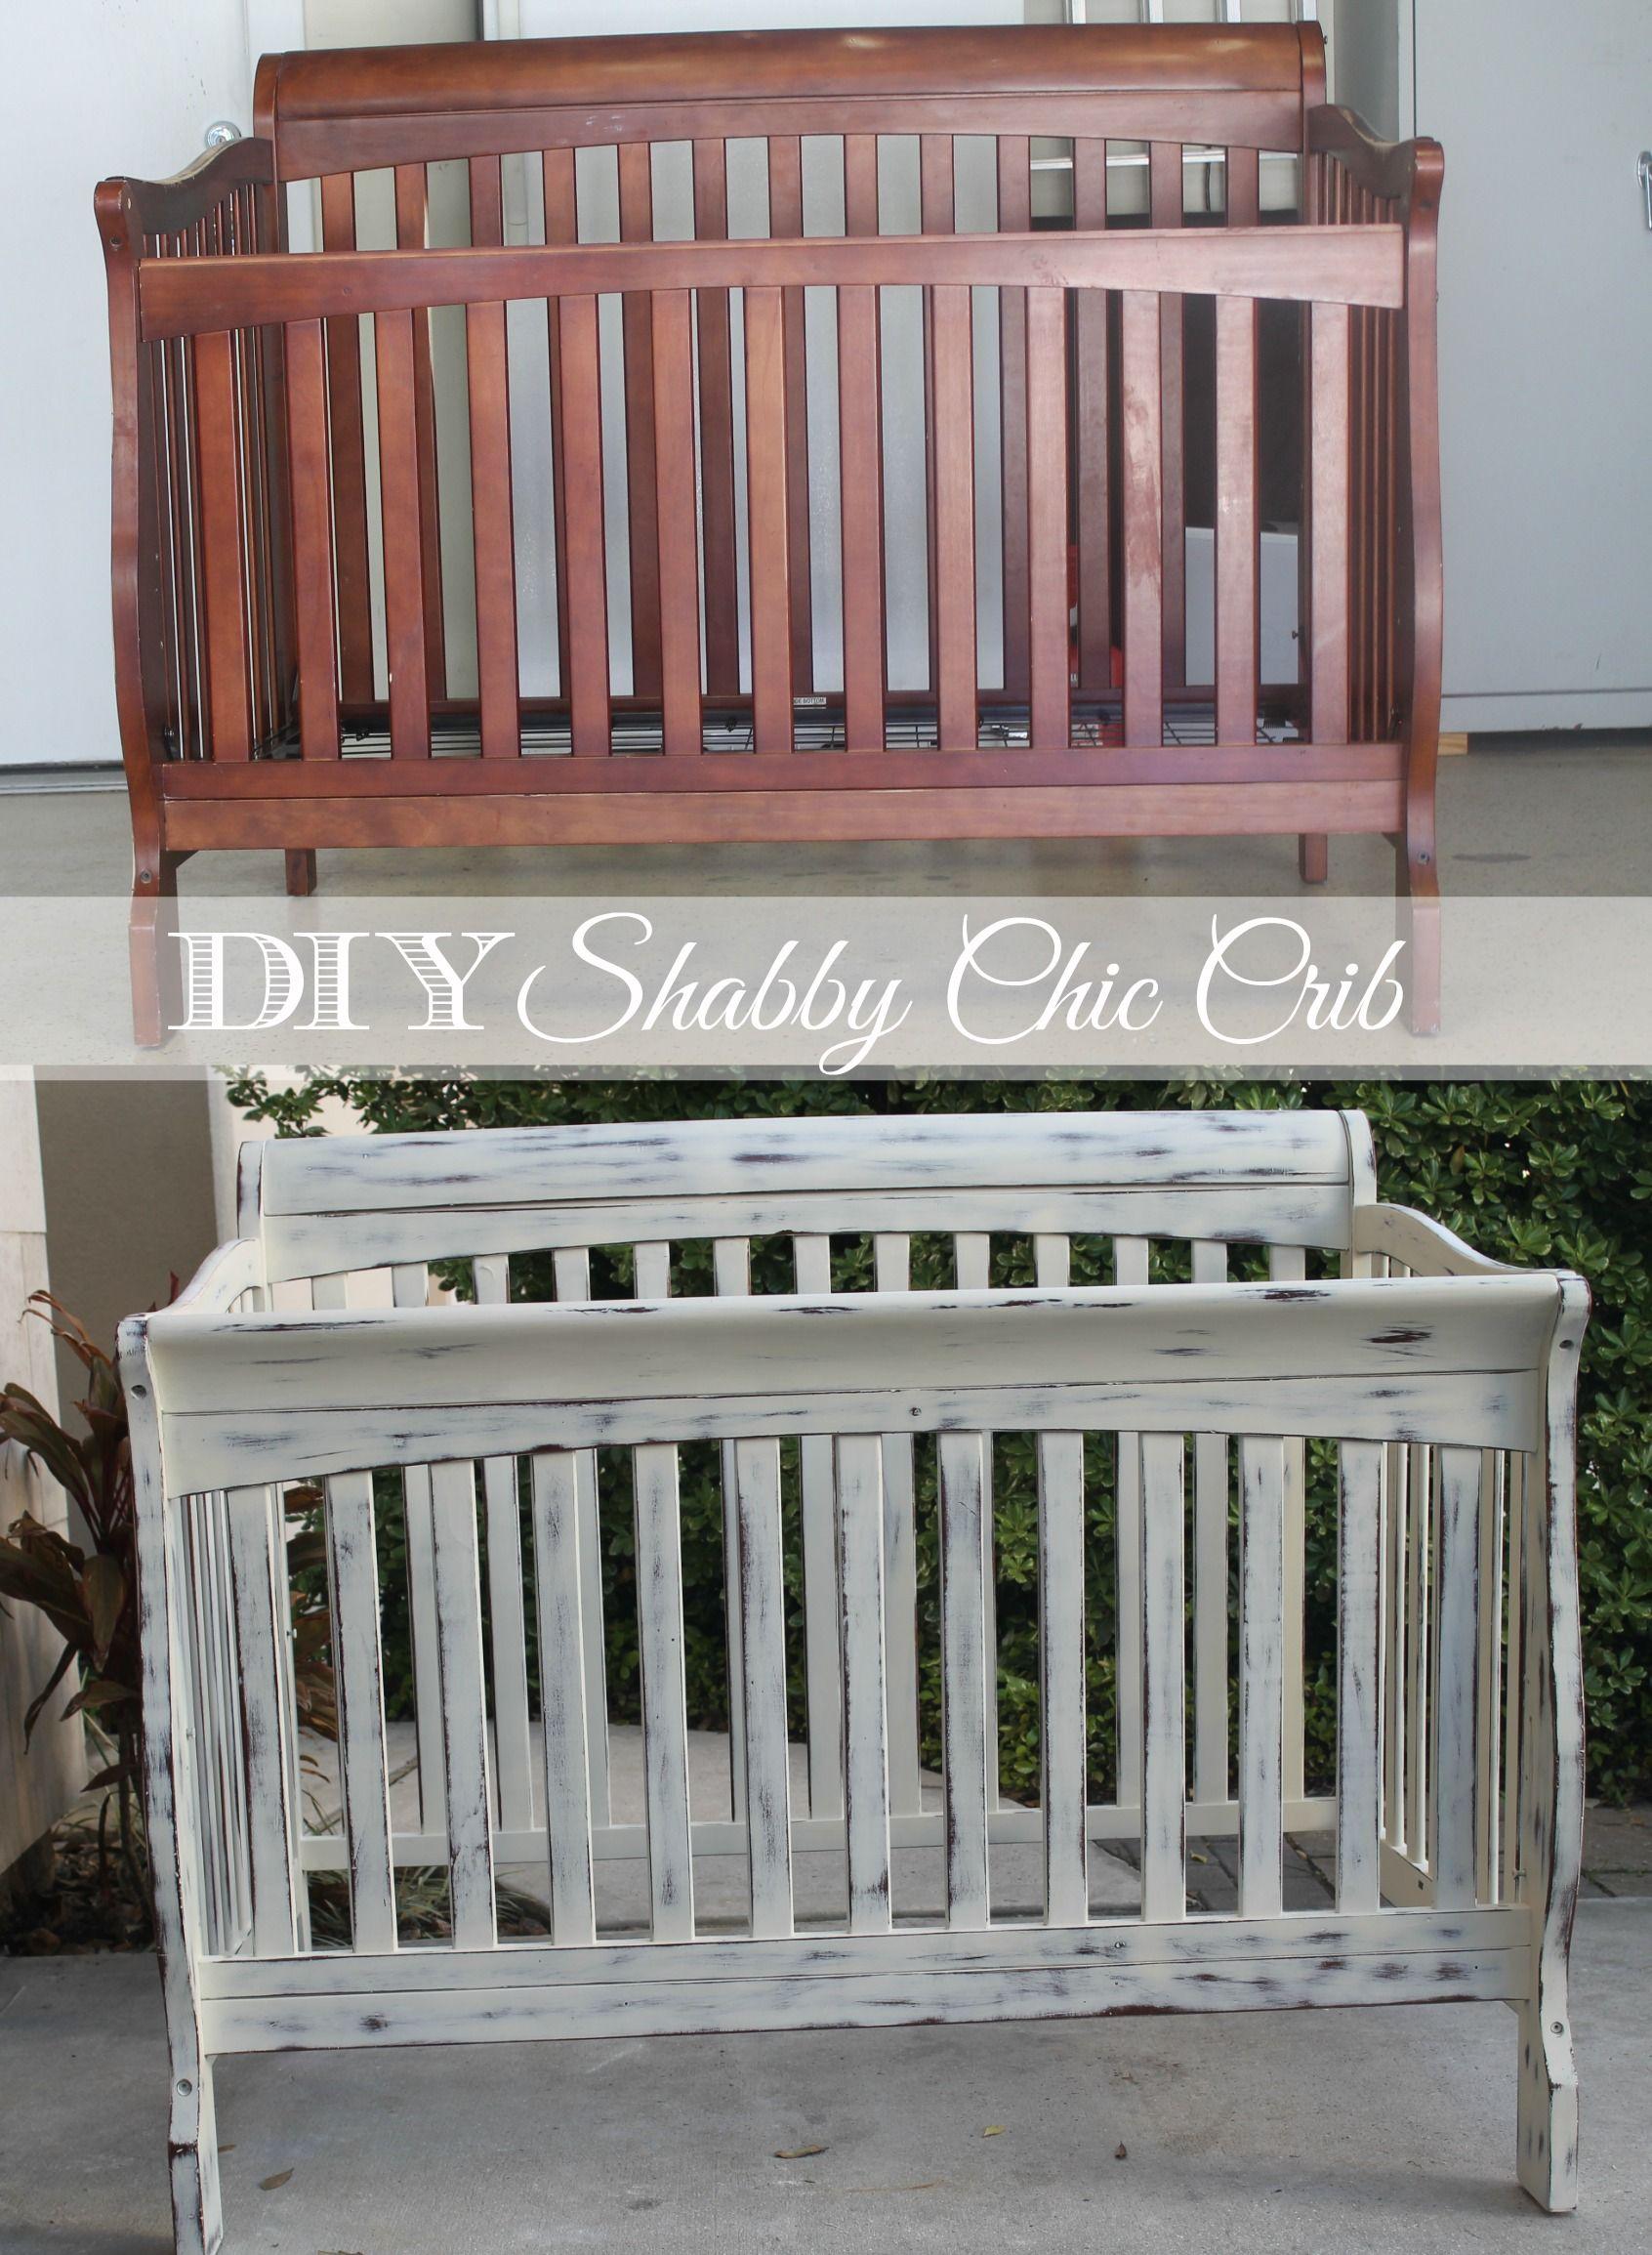 DIY: Shabby Chic Crib Restoration